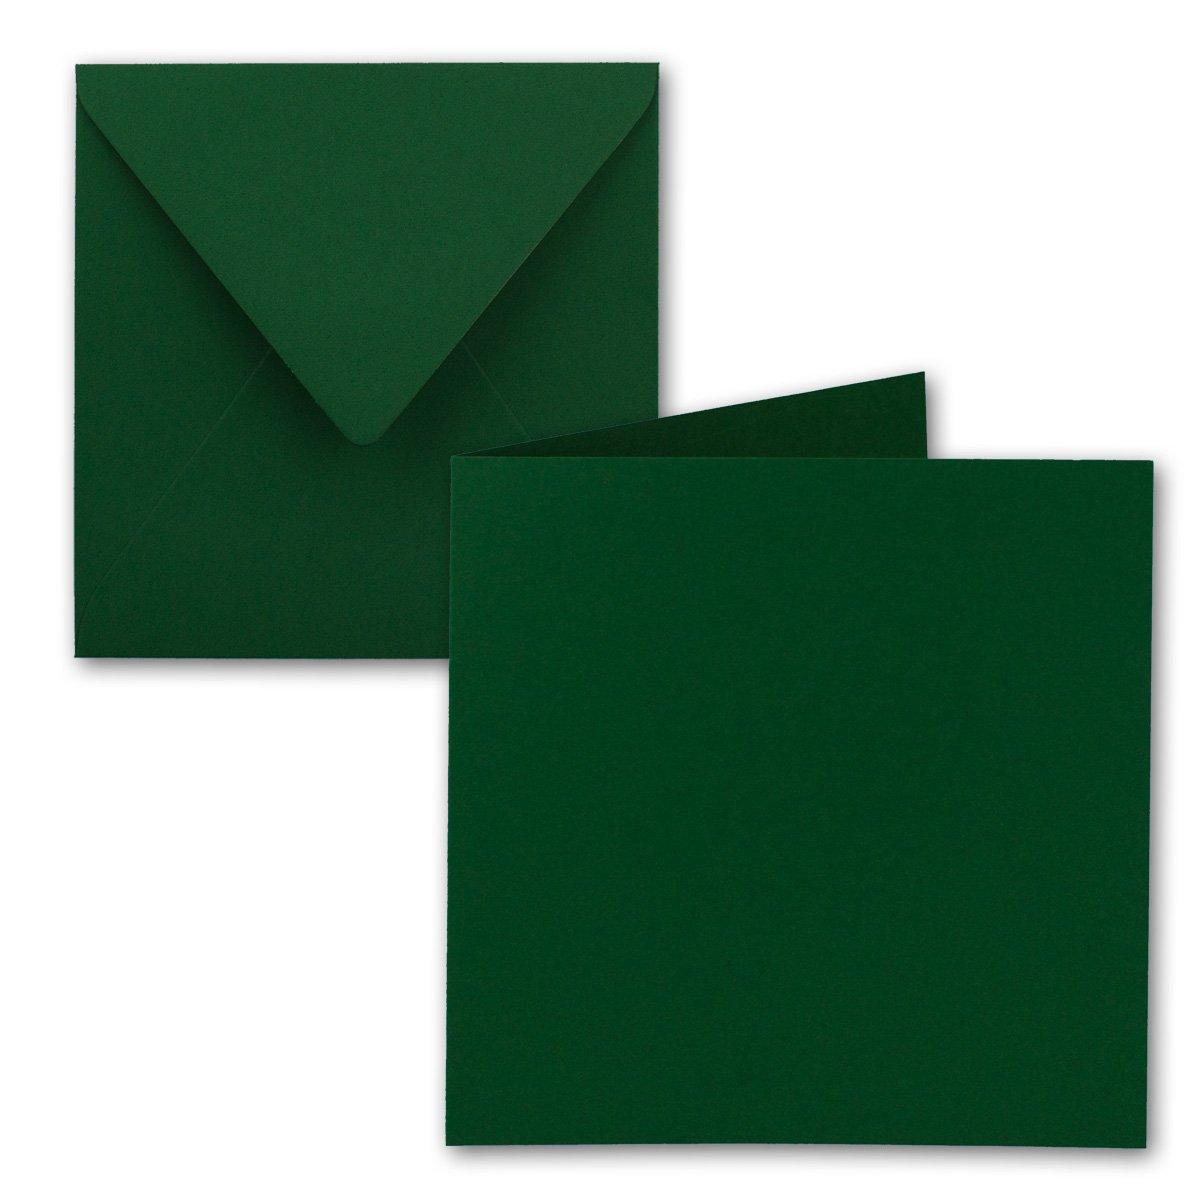 Quadratisches Falt-Karten-Set   15 x 15 cm - mit Brief-Umschlägen   Dunkelgrün   50 Stück   für Grußkarten, Einladungen & mehr   Qualitätsmarke: FarbenFroh® von GUSTAV NEUSER®